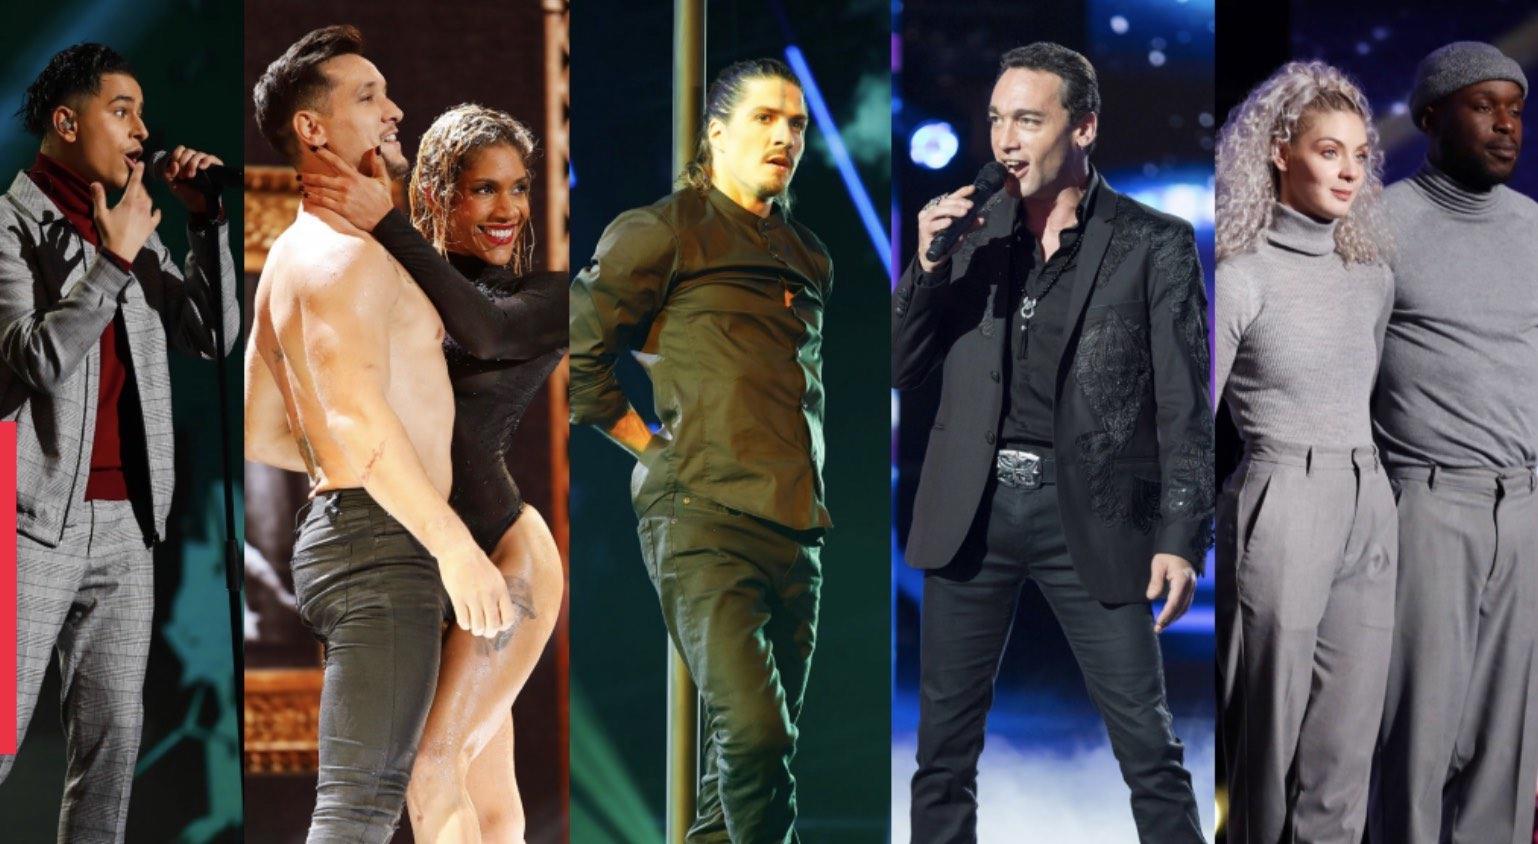 La bataille du jury - M6 - La france a un incroyable talent